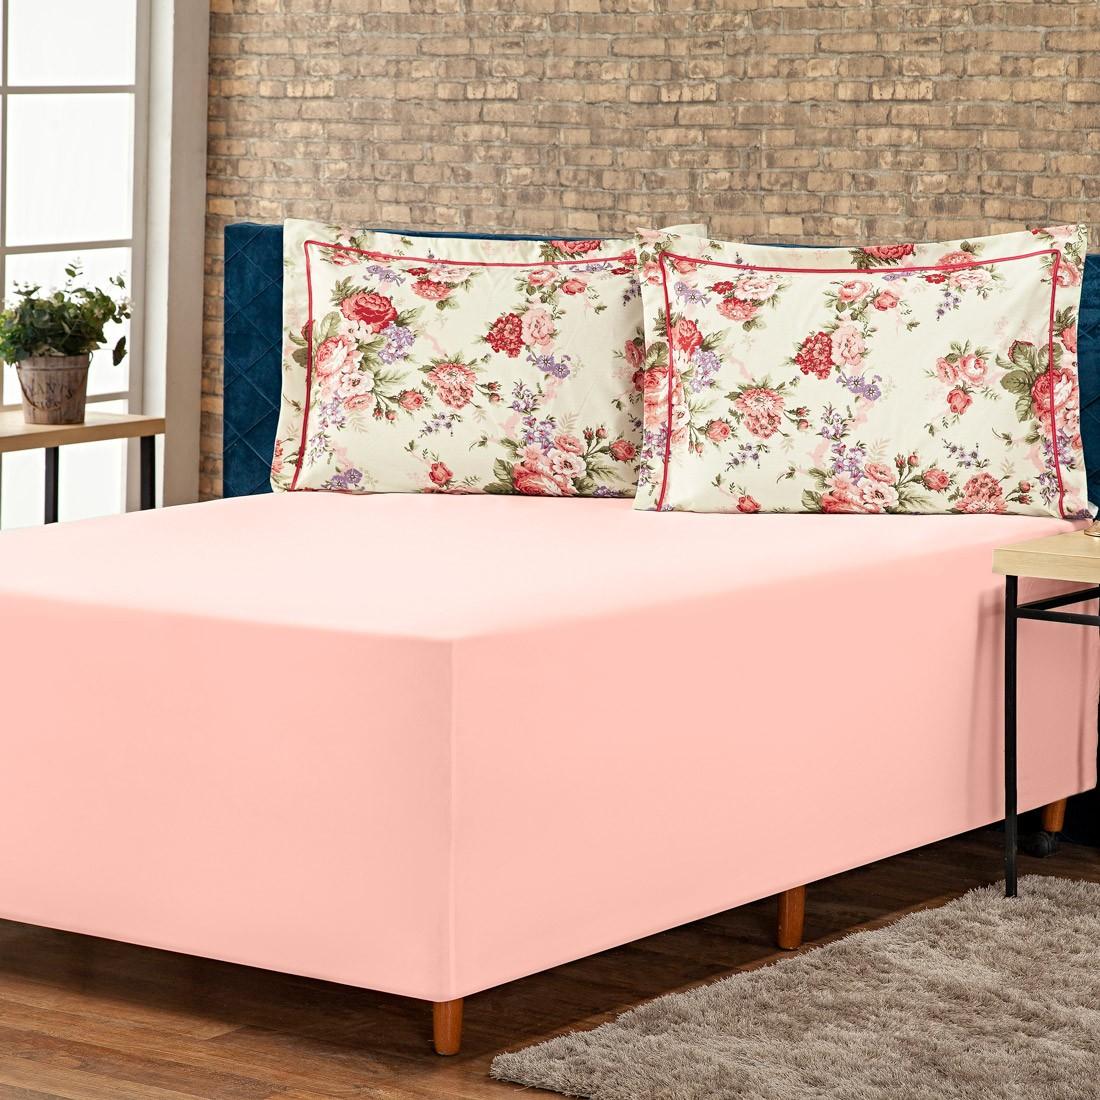 Jogo de Lençol p/ Cama Box Complet Floral Rosê Casal 03 Peças - Percal 140 Fios